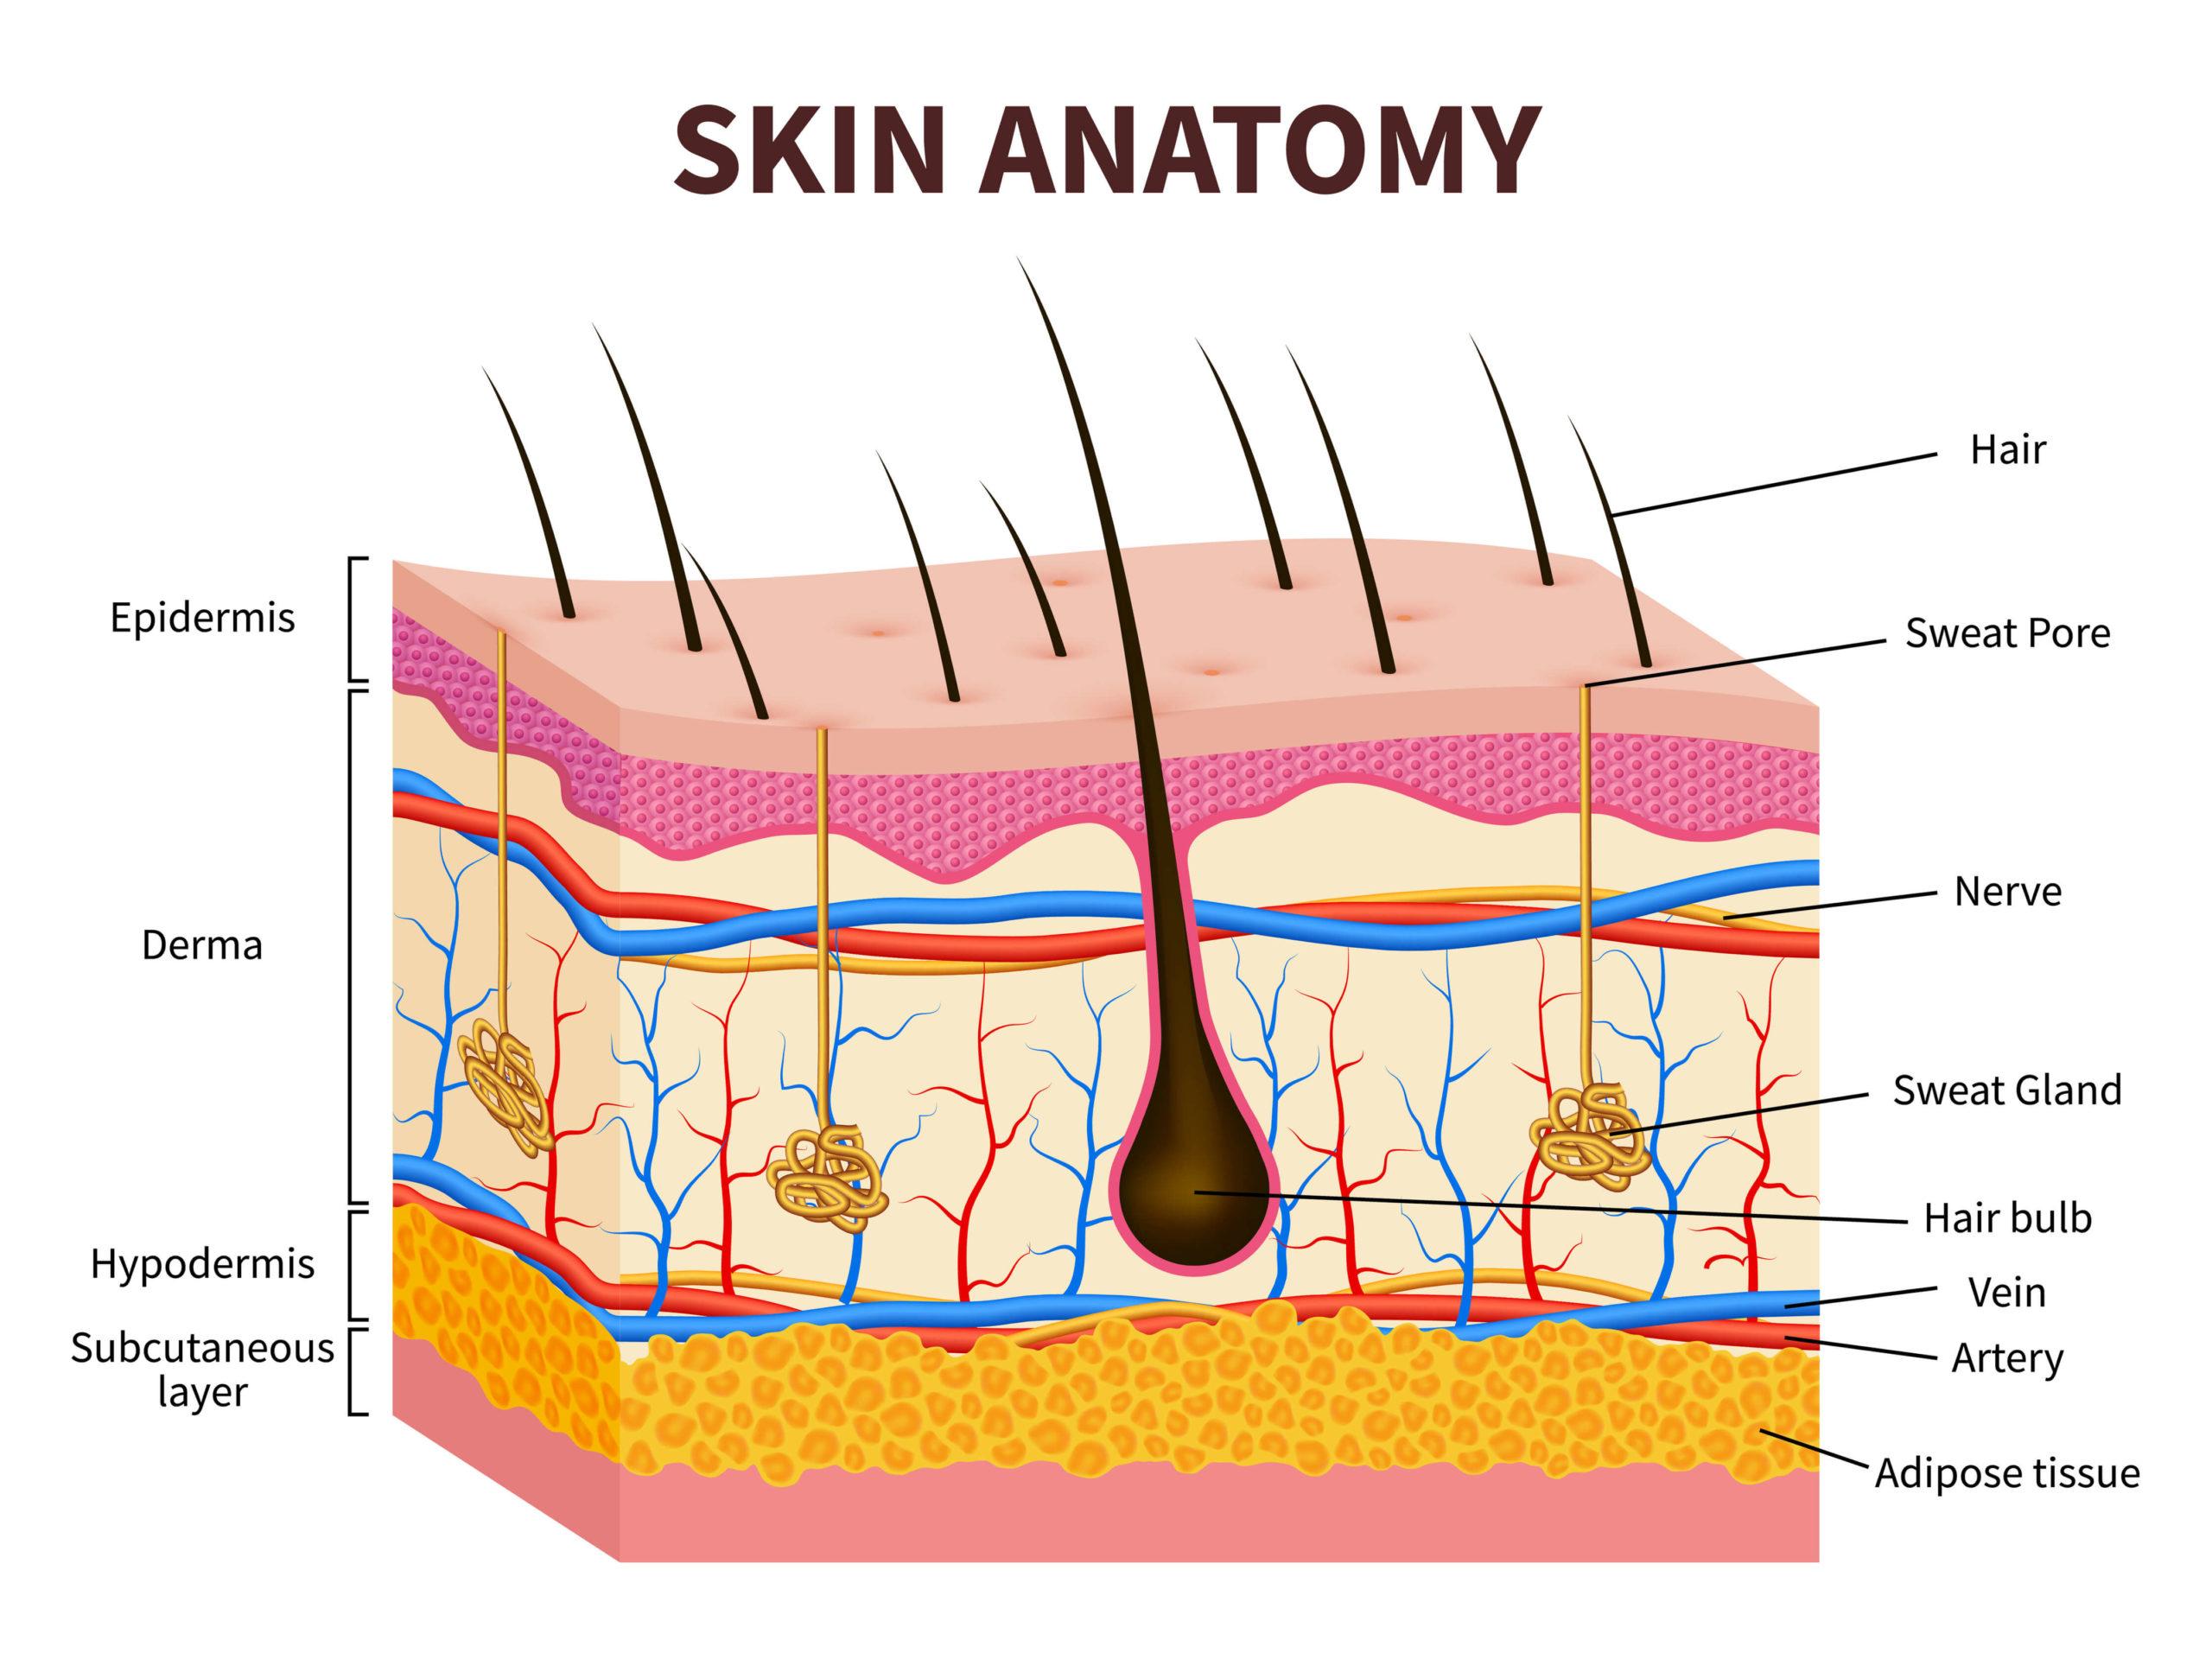 die verschiedenen Schichten der Haut